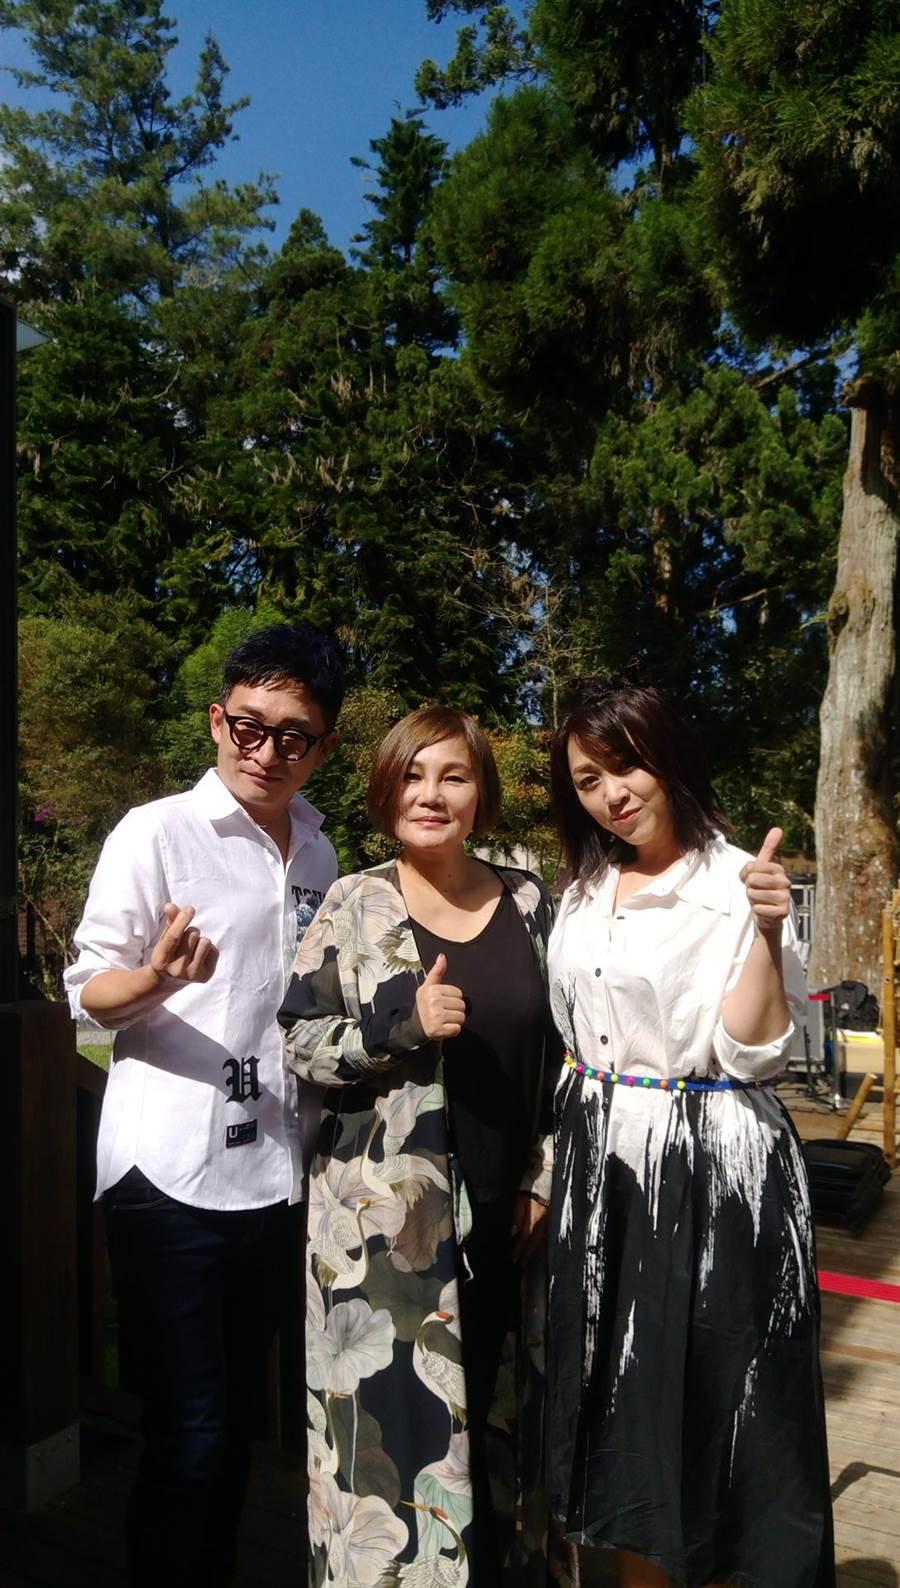 亦帆(右起)、官靈芝、徐哲緯今天出席「2018溪頭竹文化節暨森林音樂會」記者會。(新視紀整合行銷提供)